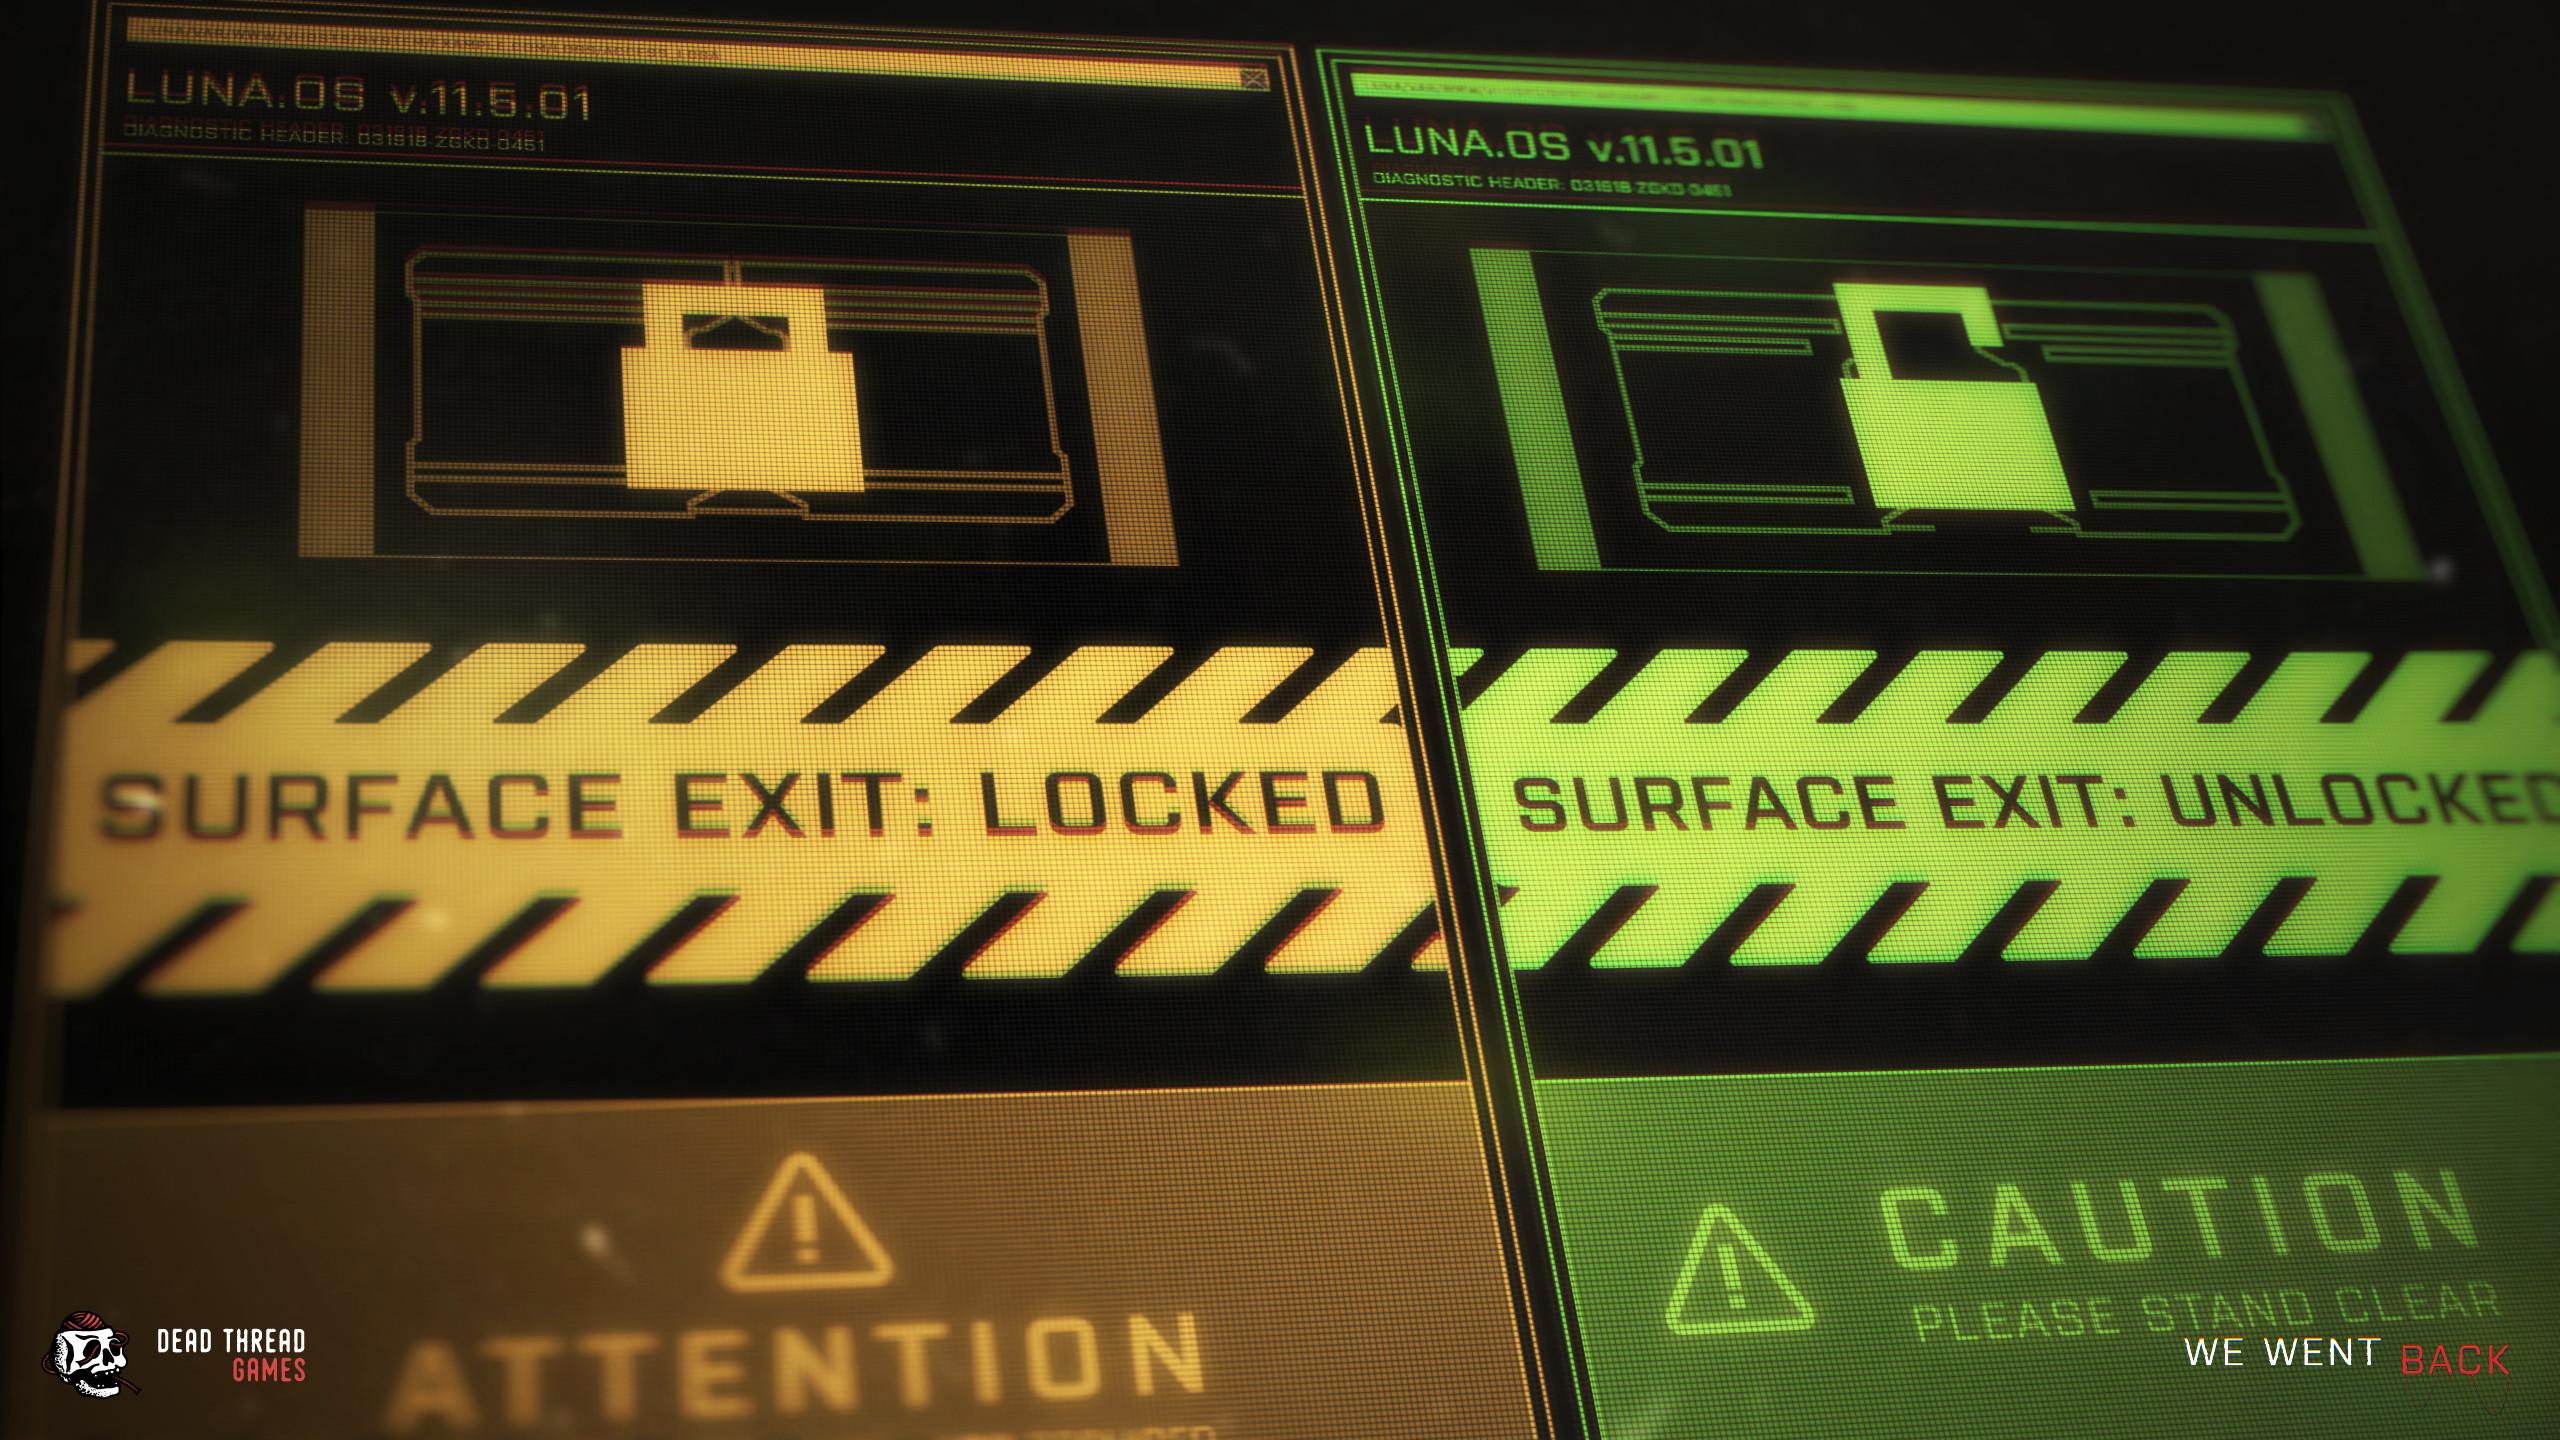 FUI Exit door screen versions.